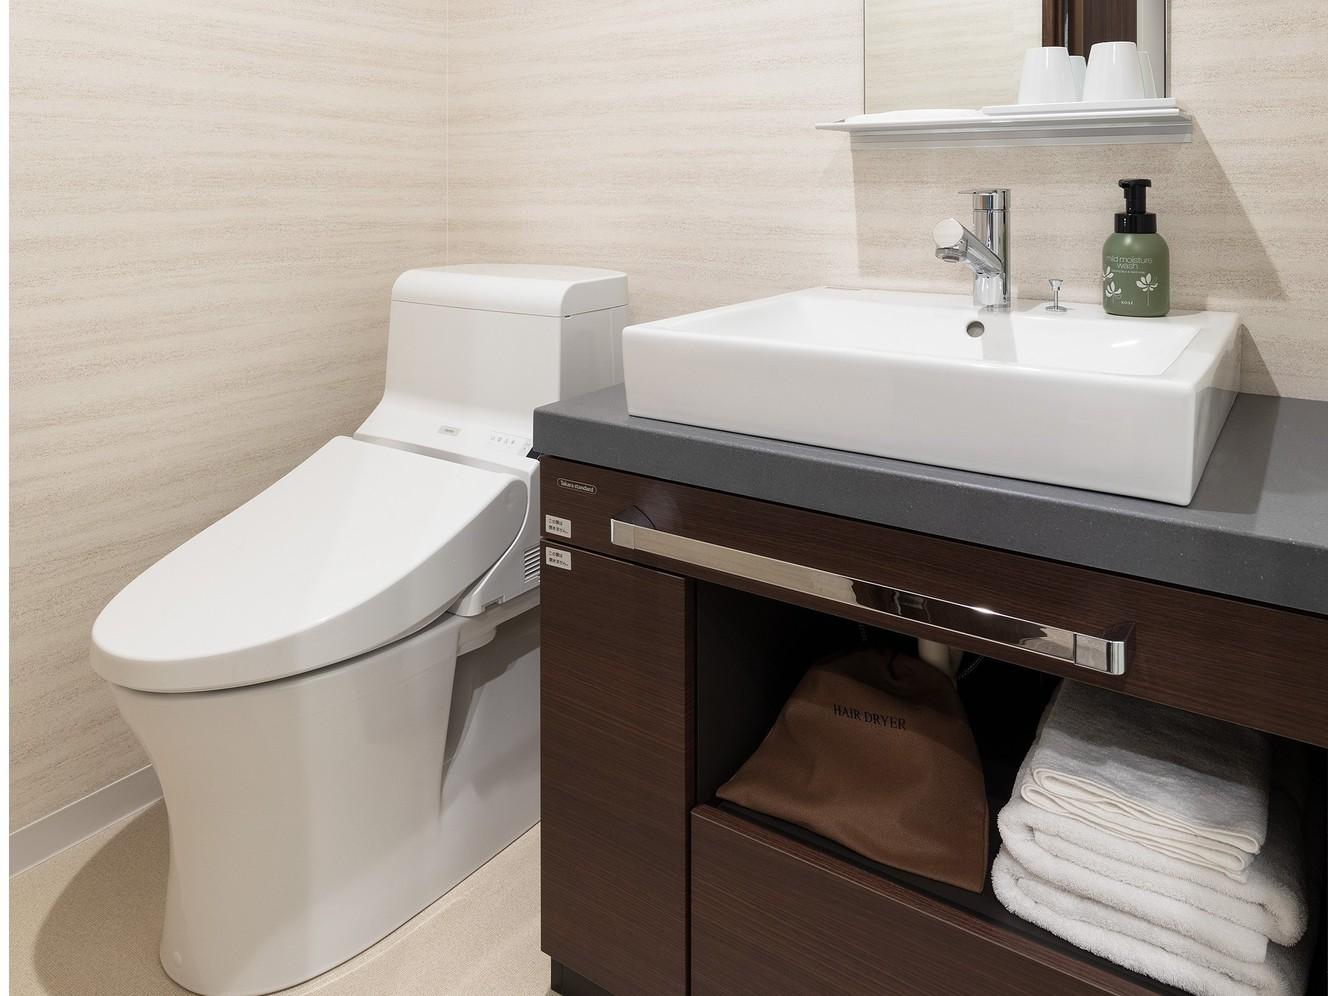 ツインルームはセパレートタイプのバストイレ